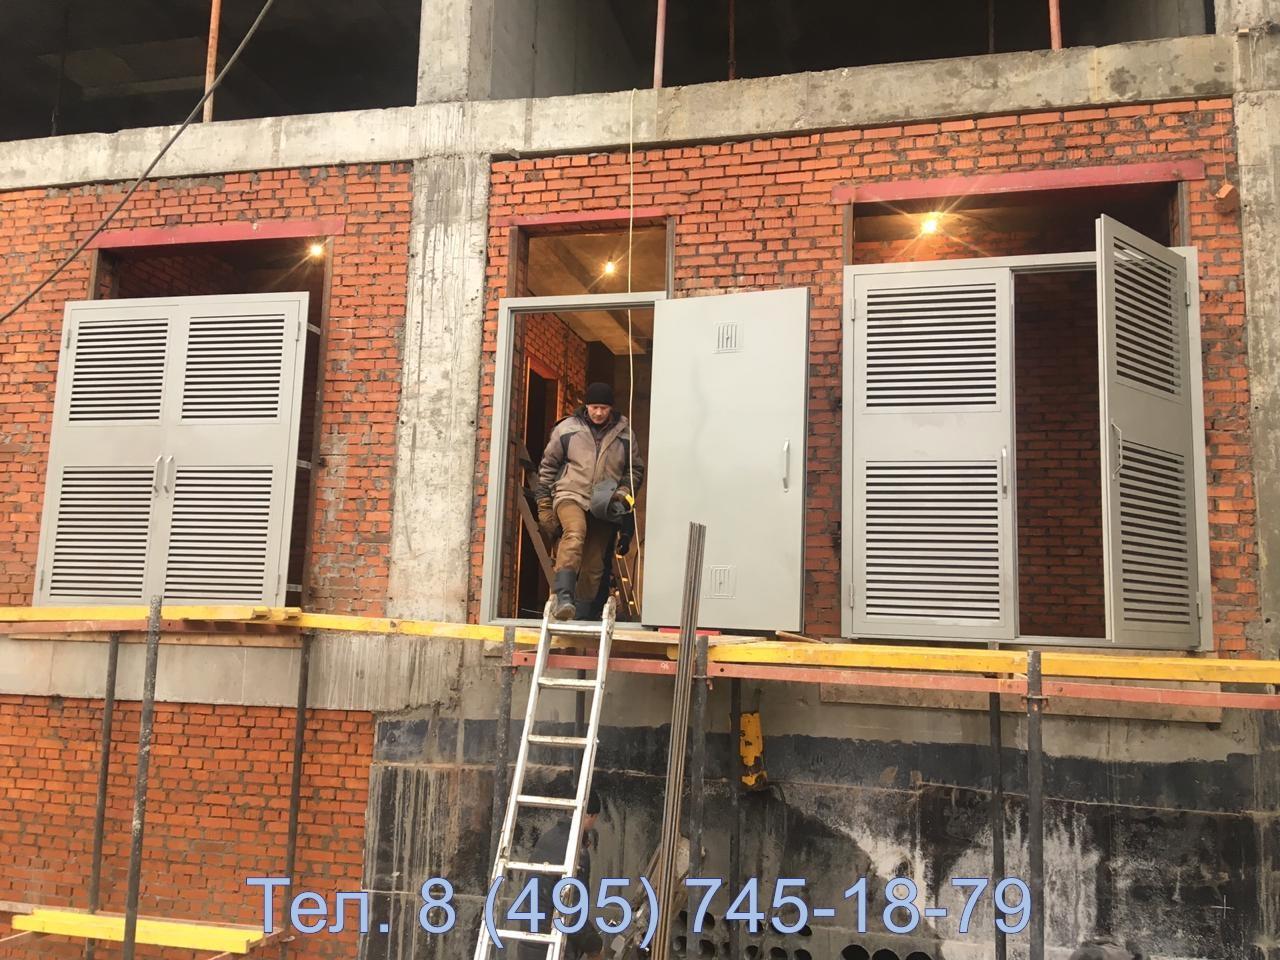 Установка металлических ворот для трансформаторной подстанции в жилом доме в г. Химки